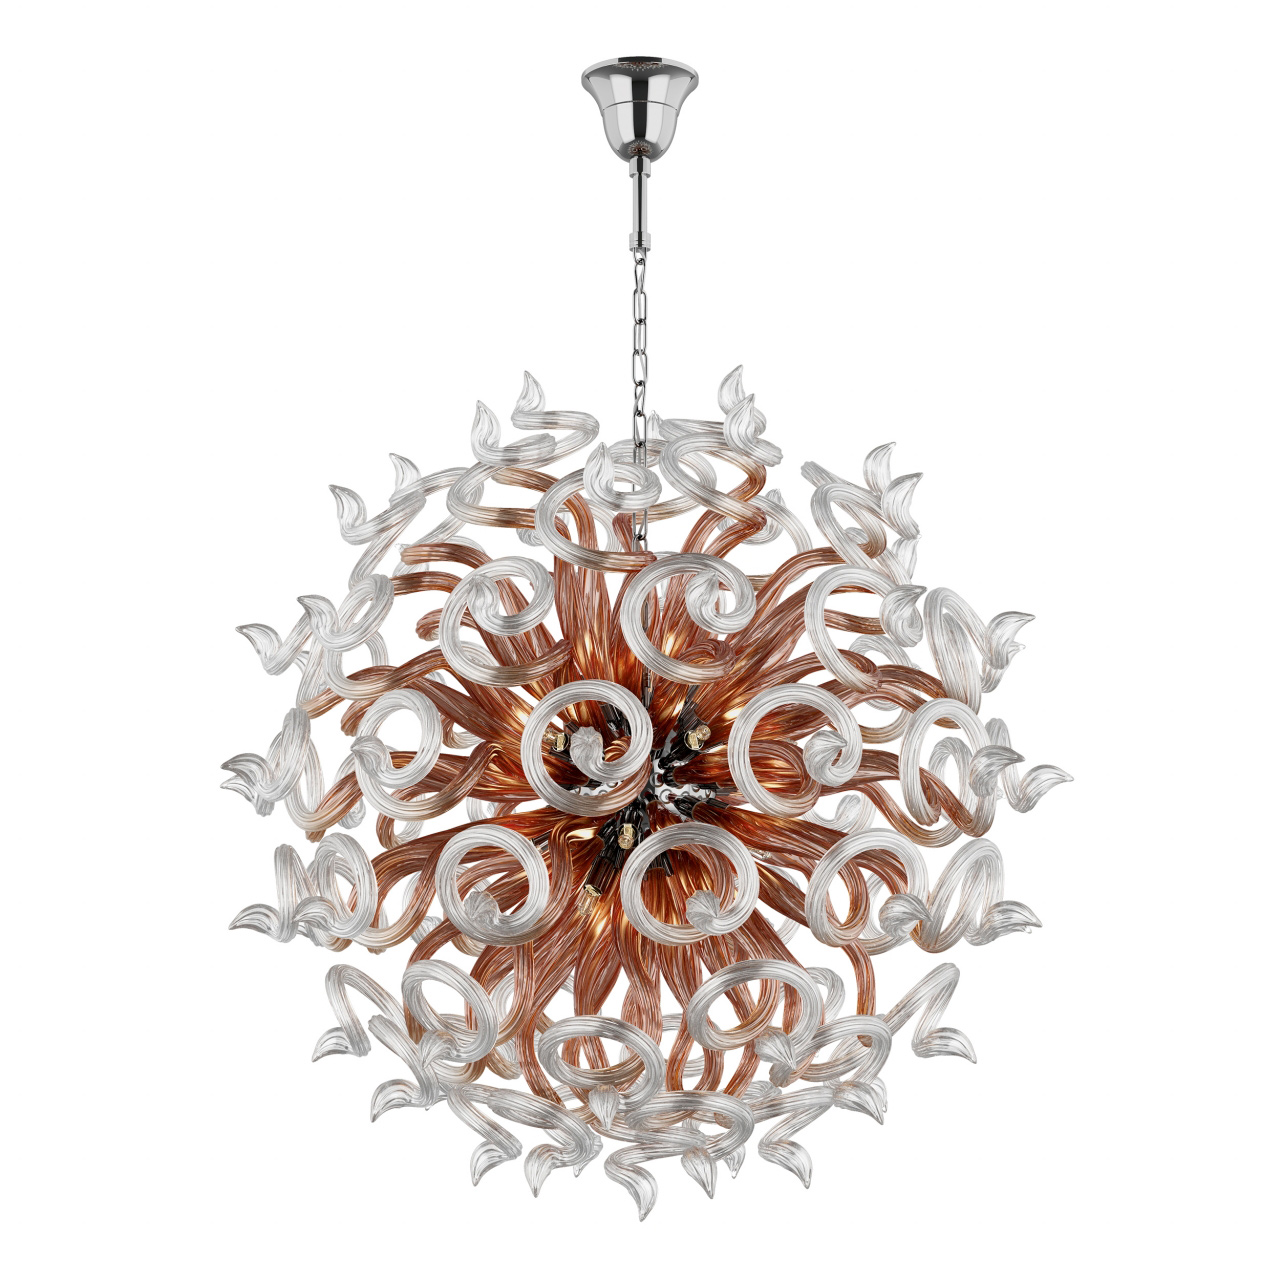 Люстра подвесная Medusa 18x40W G9 прозрачный / янтарь прозрачный Lightstar 890184